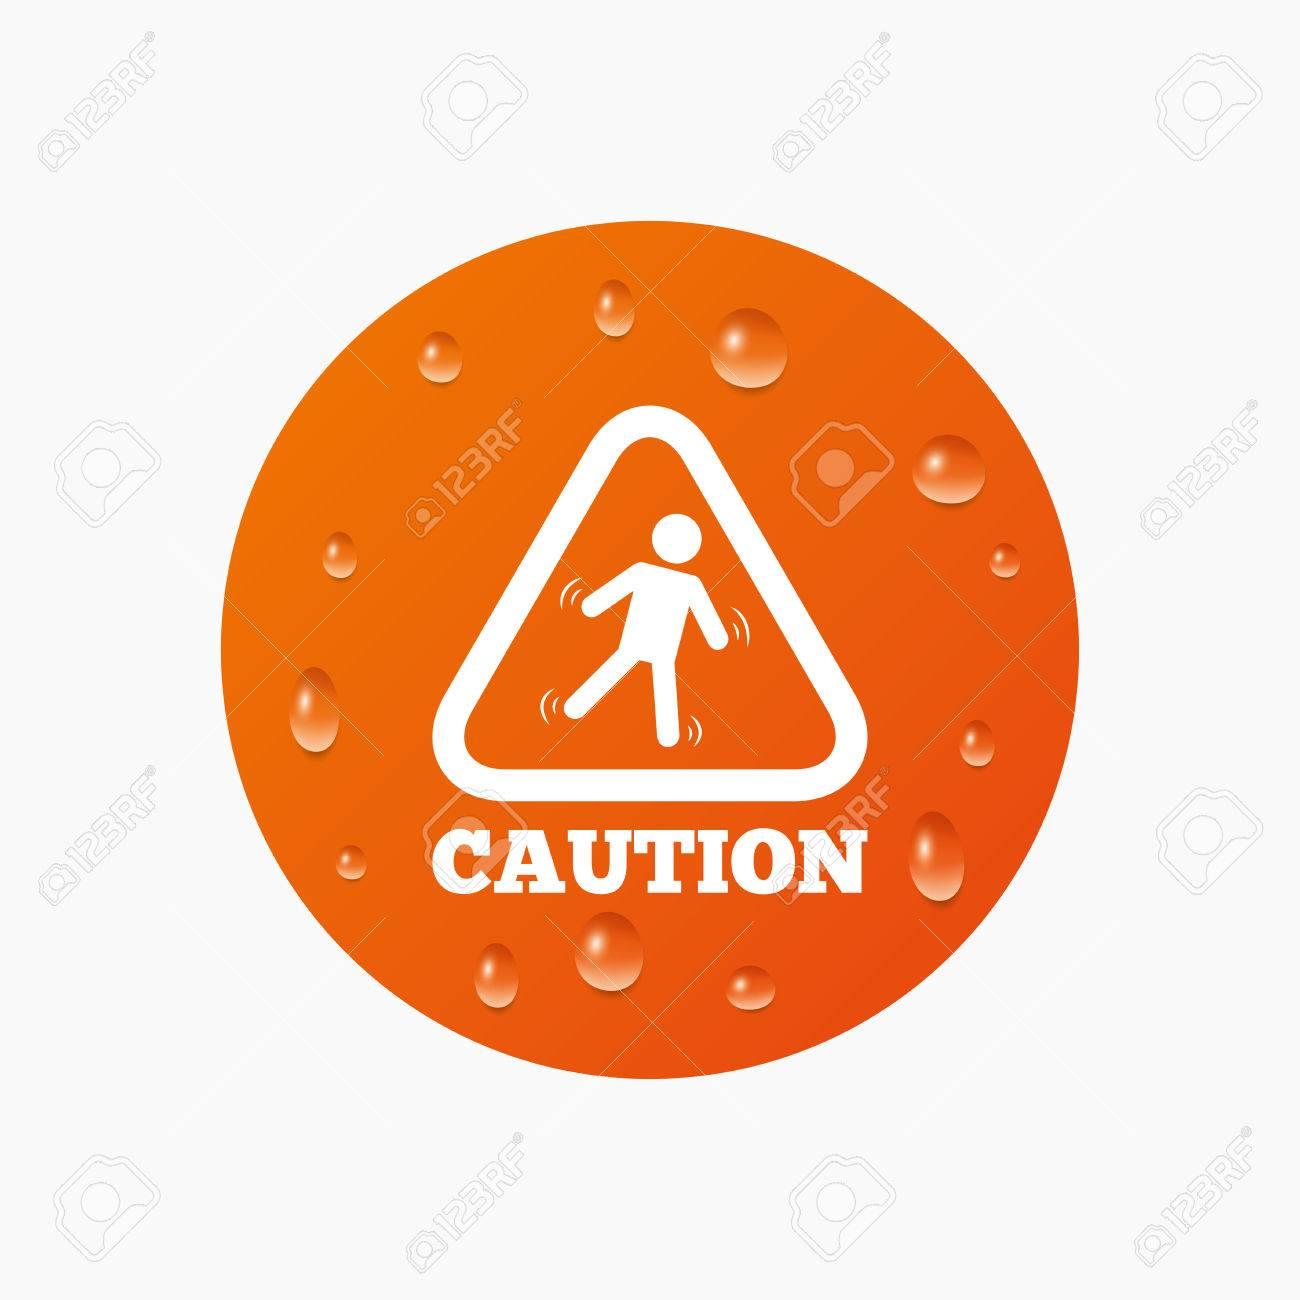 attenzione pavimento bagnato segno icona umana caduta simbolo triangolare gocce di pioggia puro realistici cerchio arancione vettore